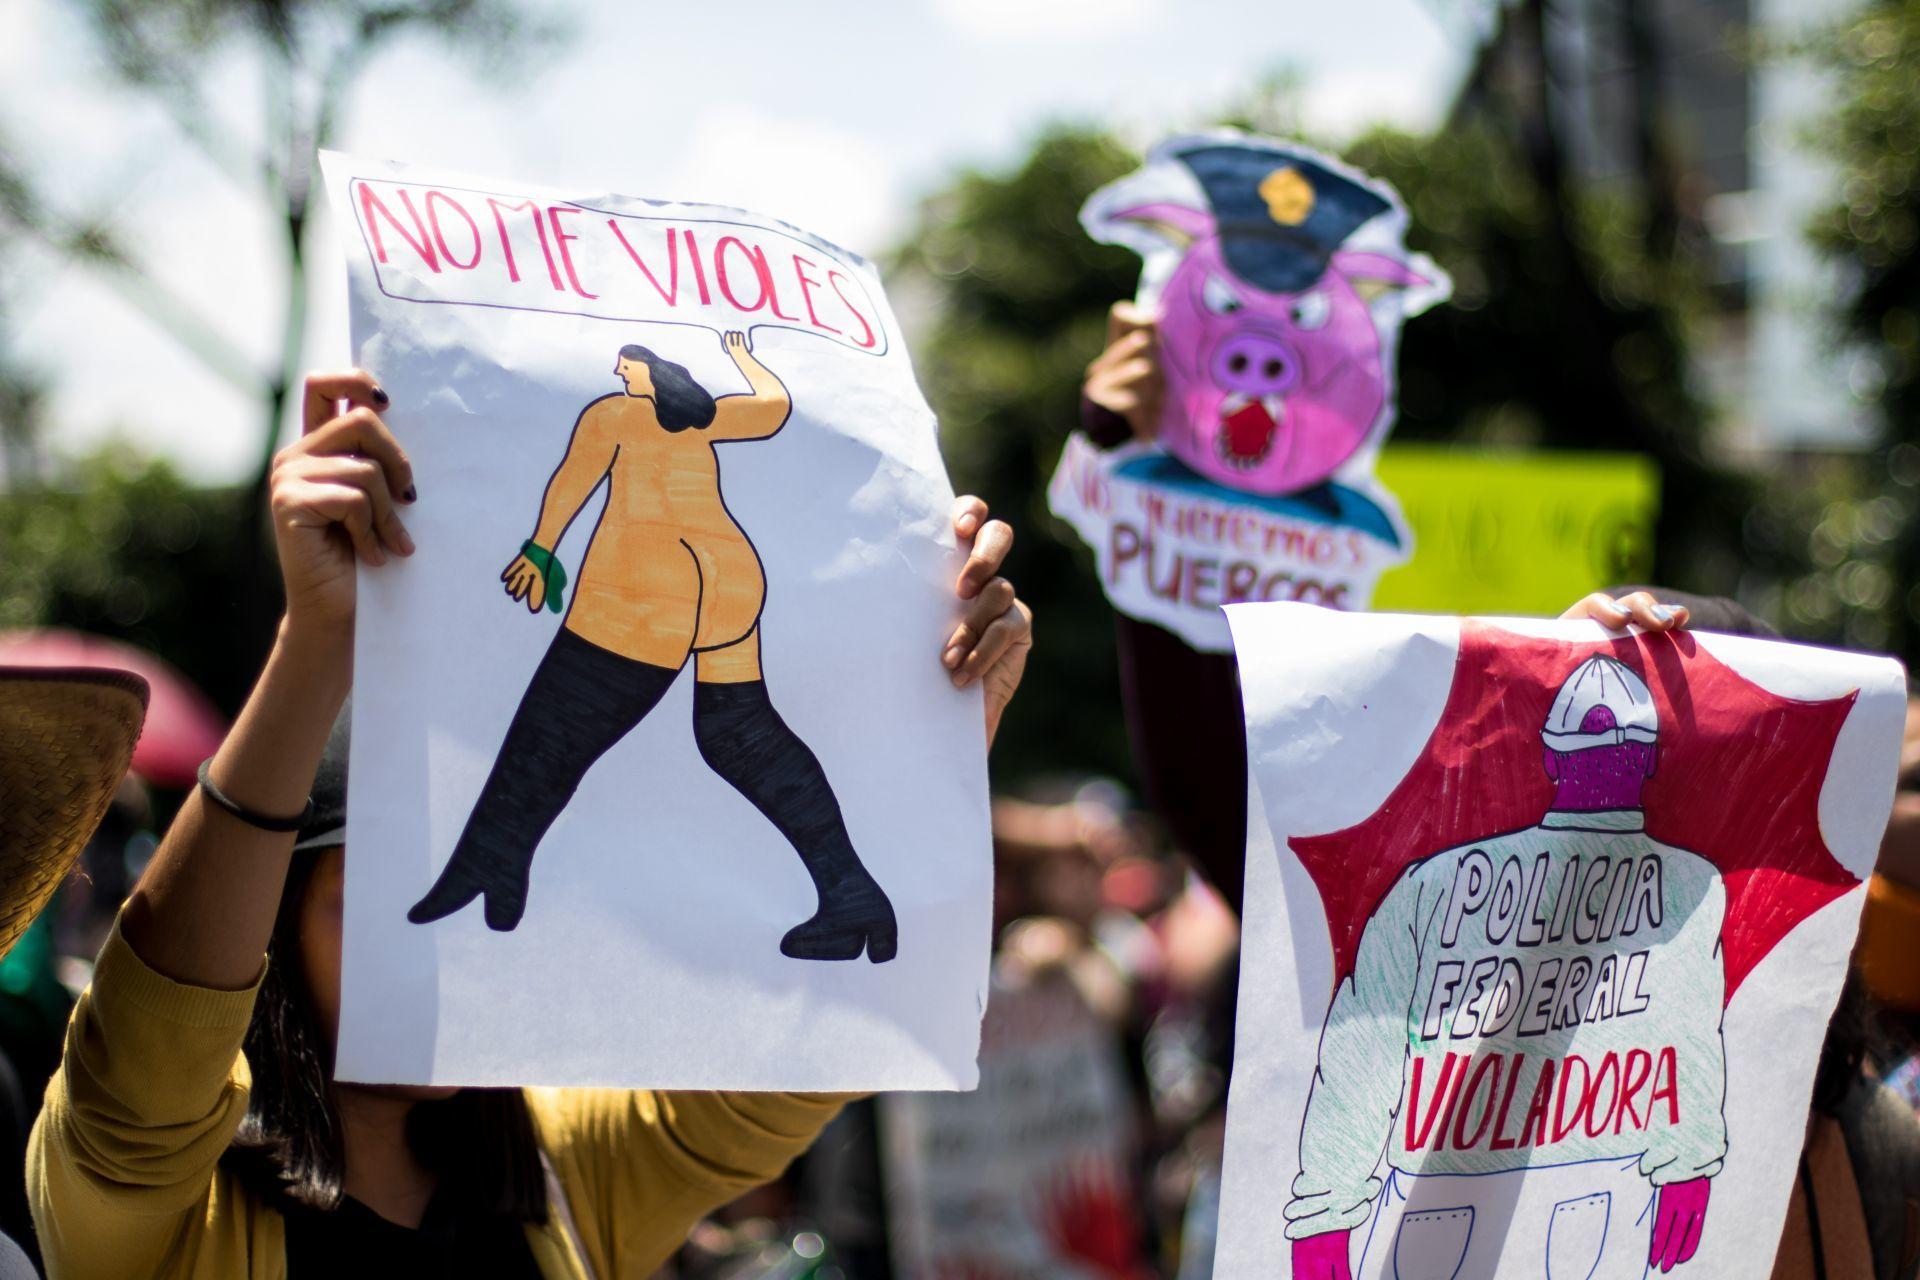 violación y violencia intrafamiiliar